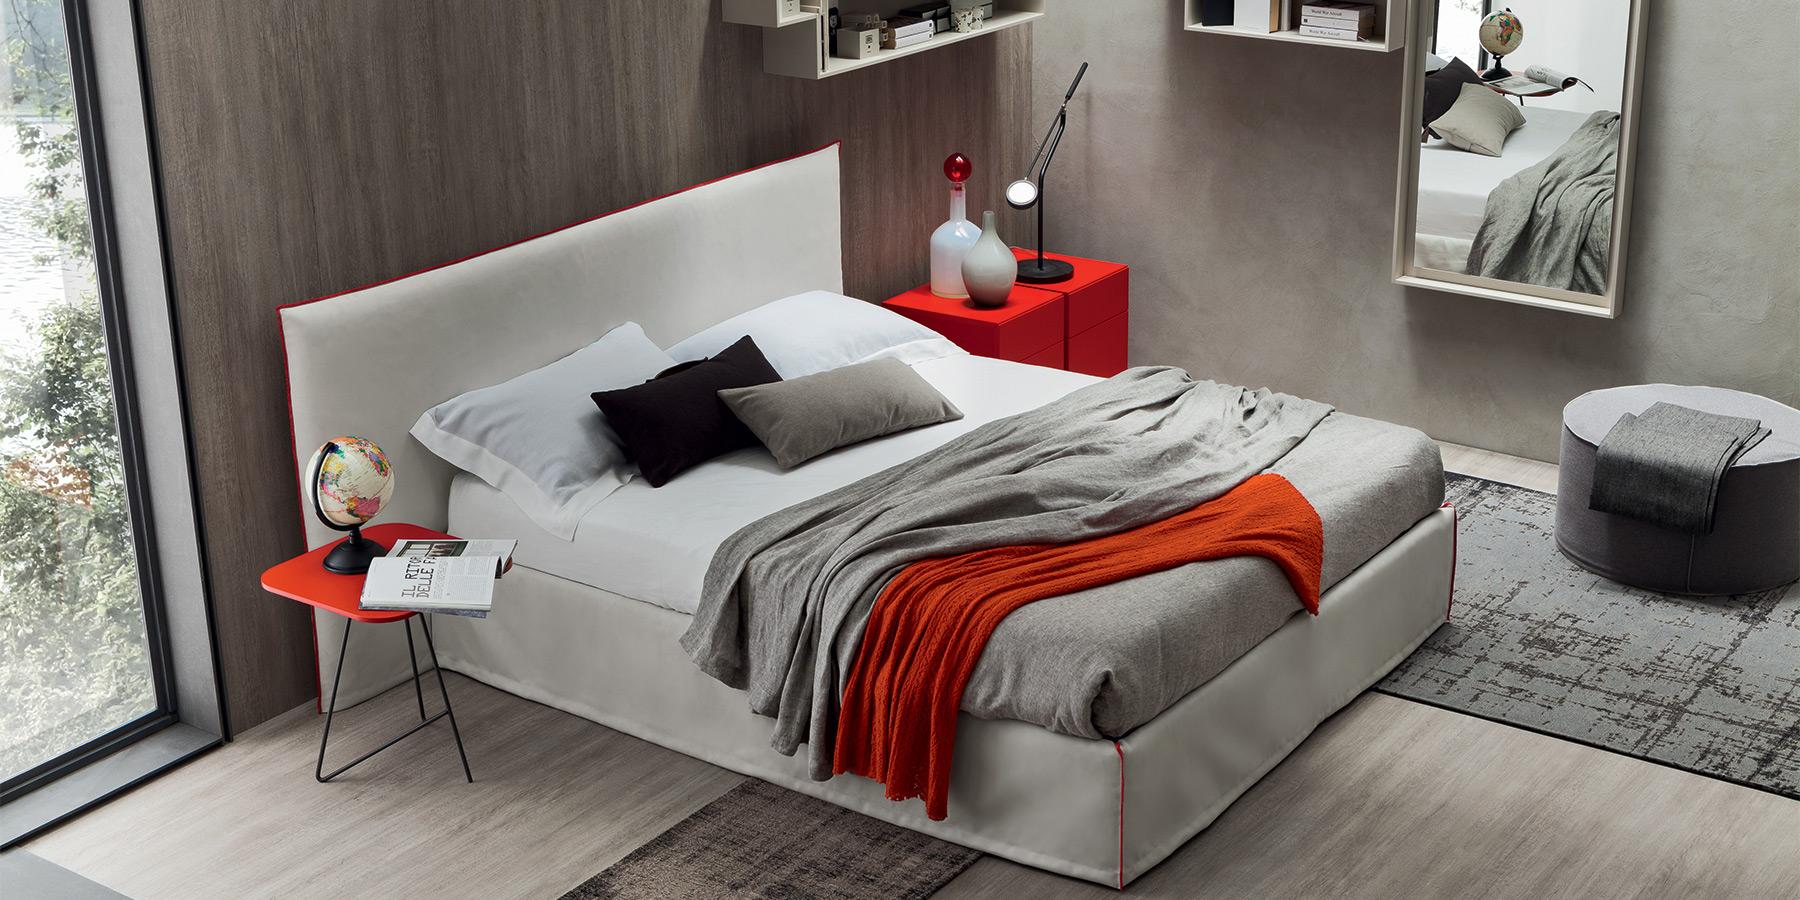 Italiano idee per arredare la camera da letto for Idee arredo camera da letto matrimoniale